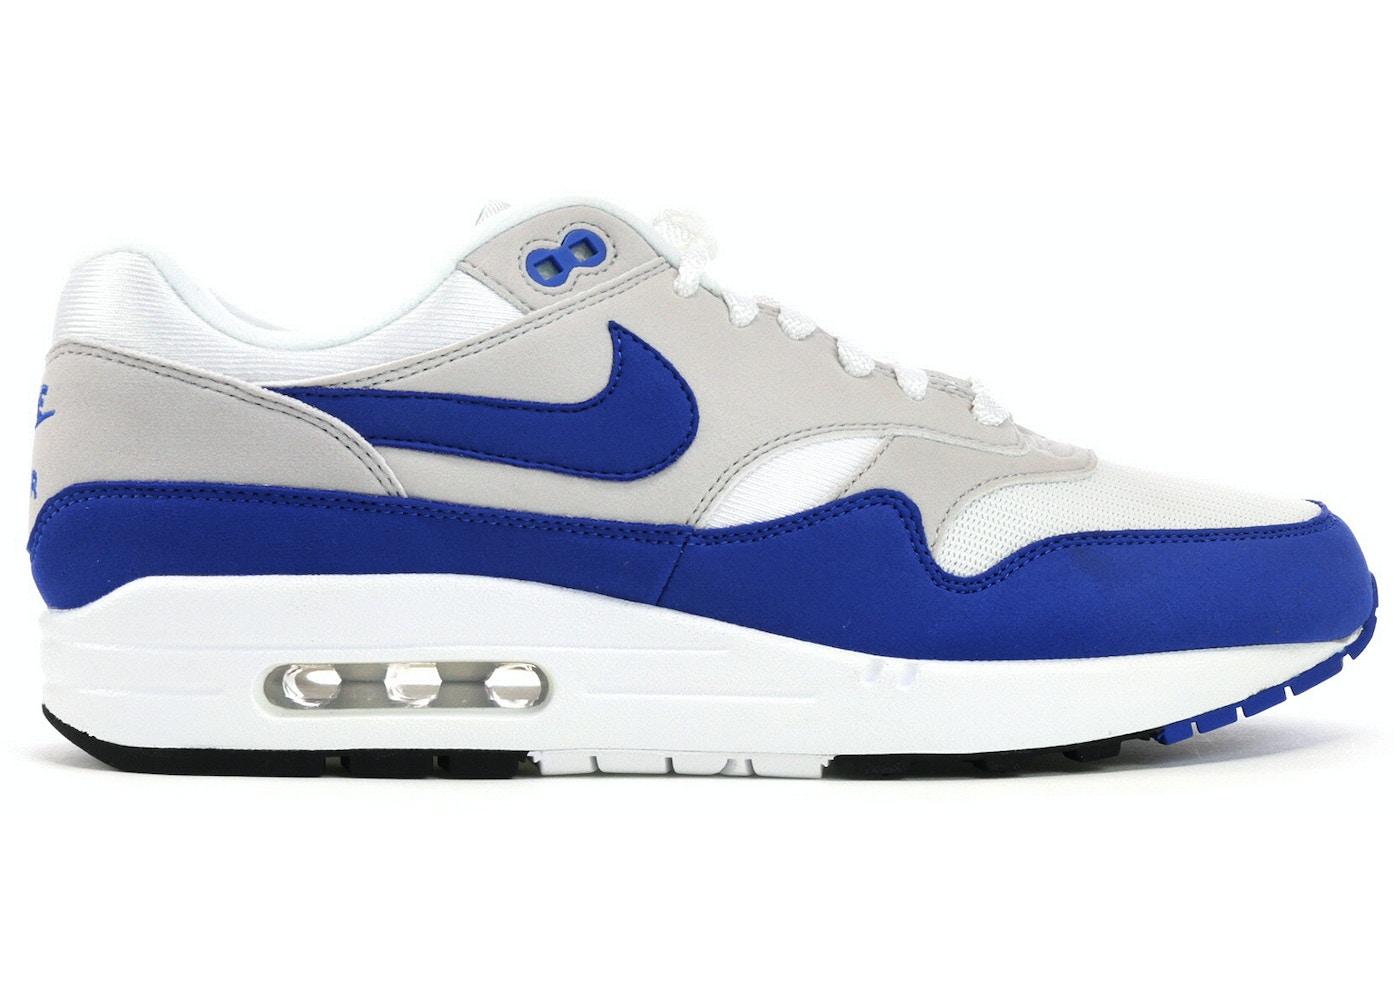 Confrontar Maldito Sympton  Nike Air Max 1 Anniversary Royal (2017 Restock Pair) - 908375-102